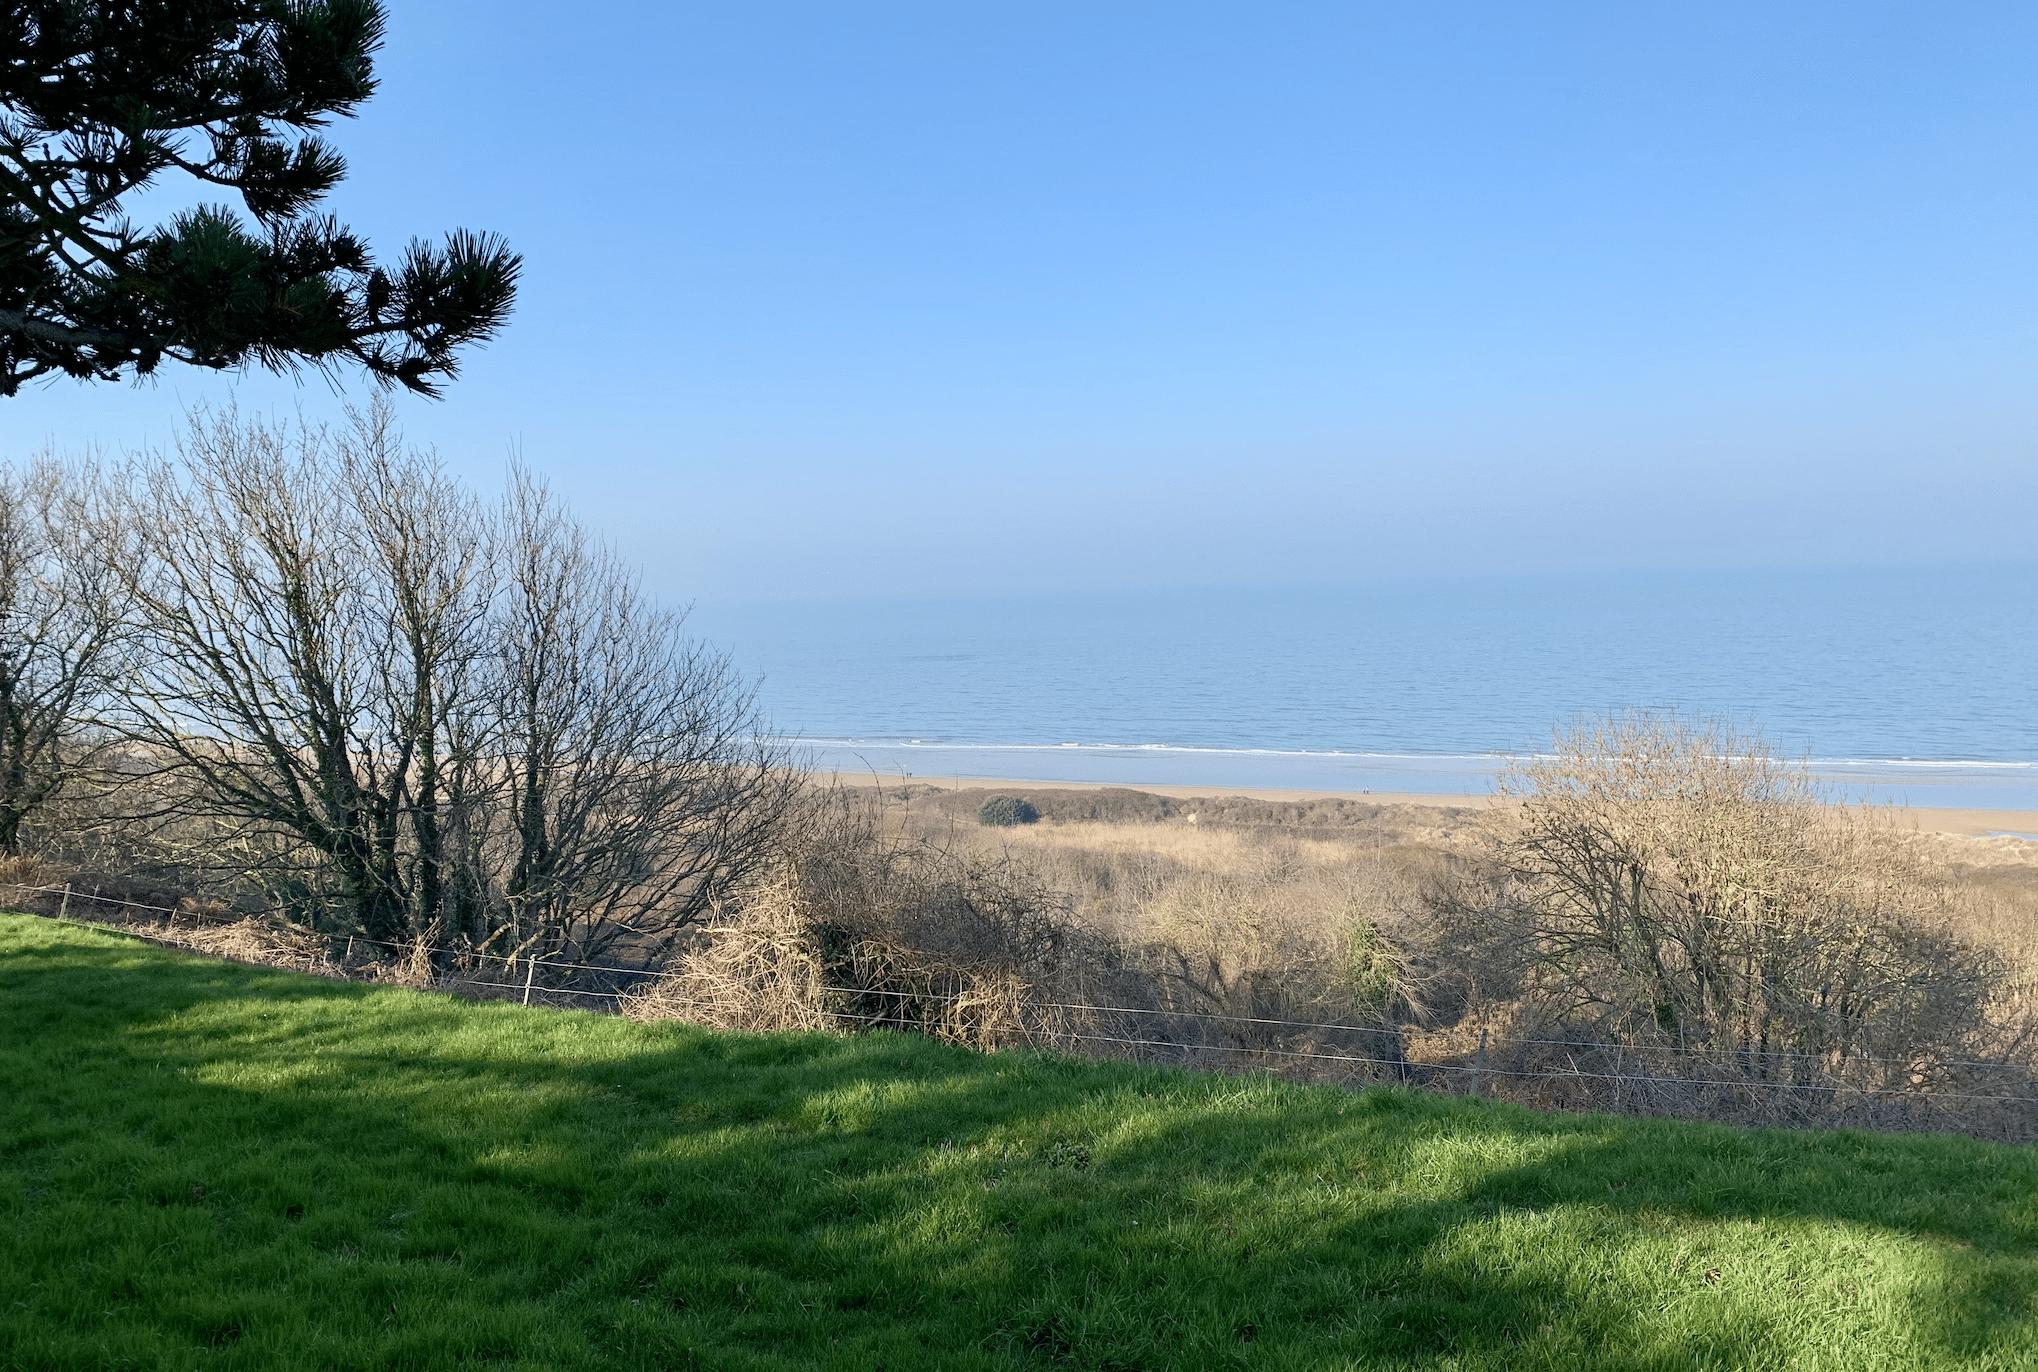 vue sur la plage d'omaha beach depuis le cimetiere americain de normandie